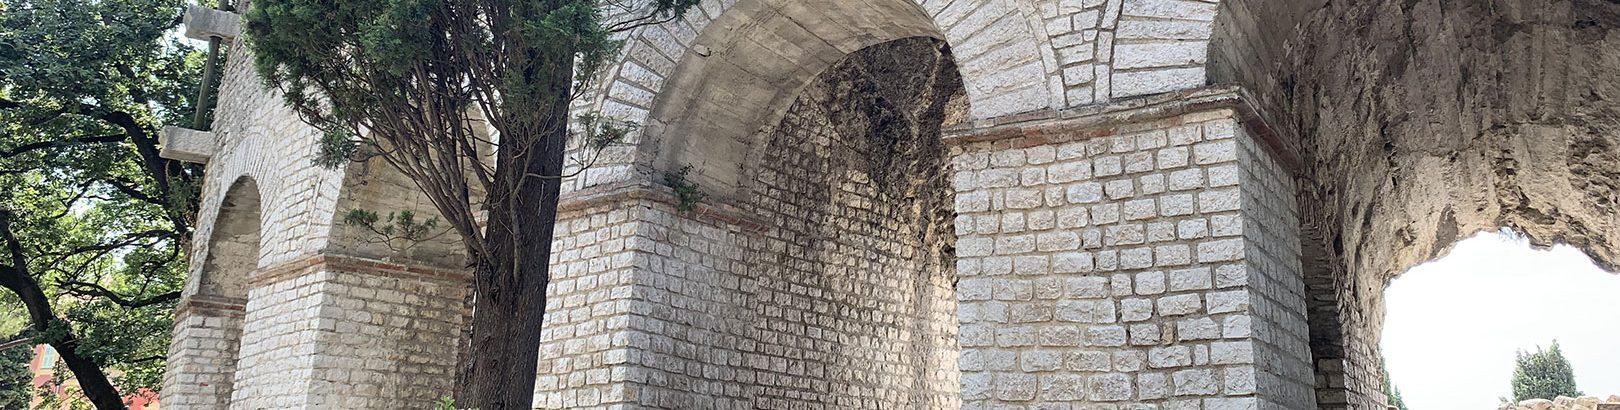 Visuel page amphithéâtre